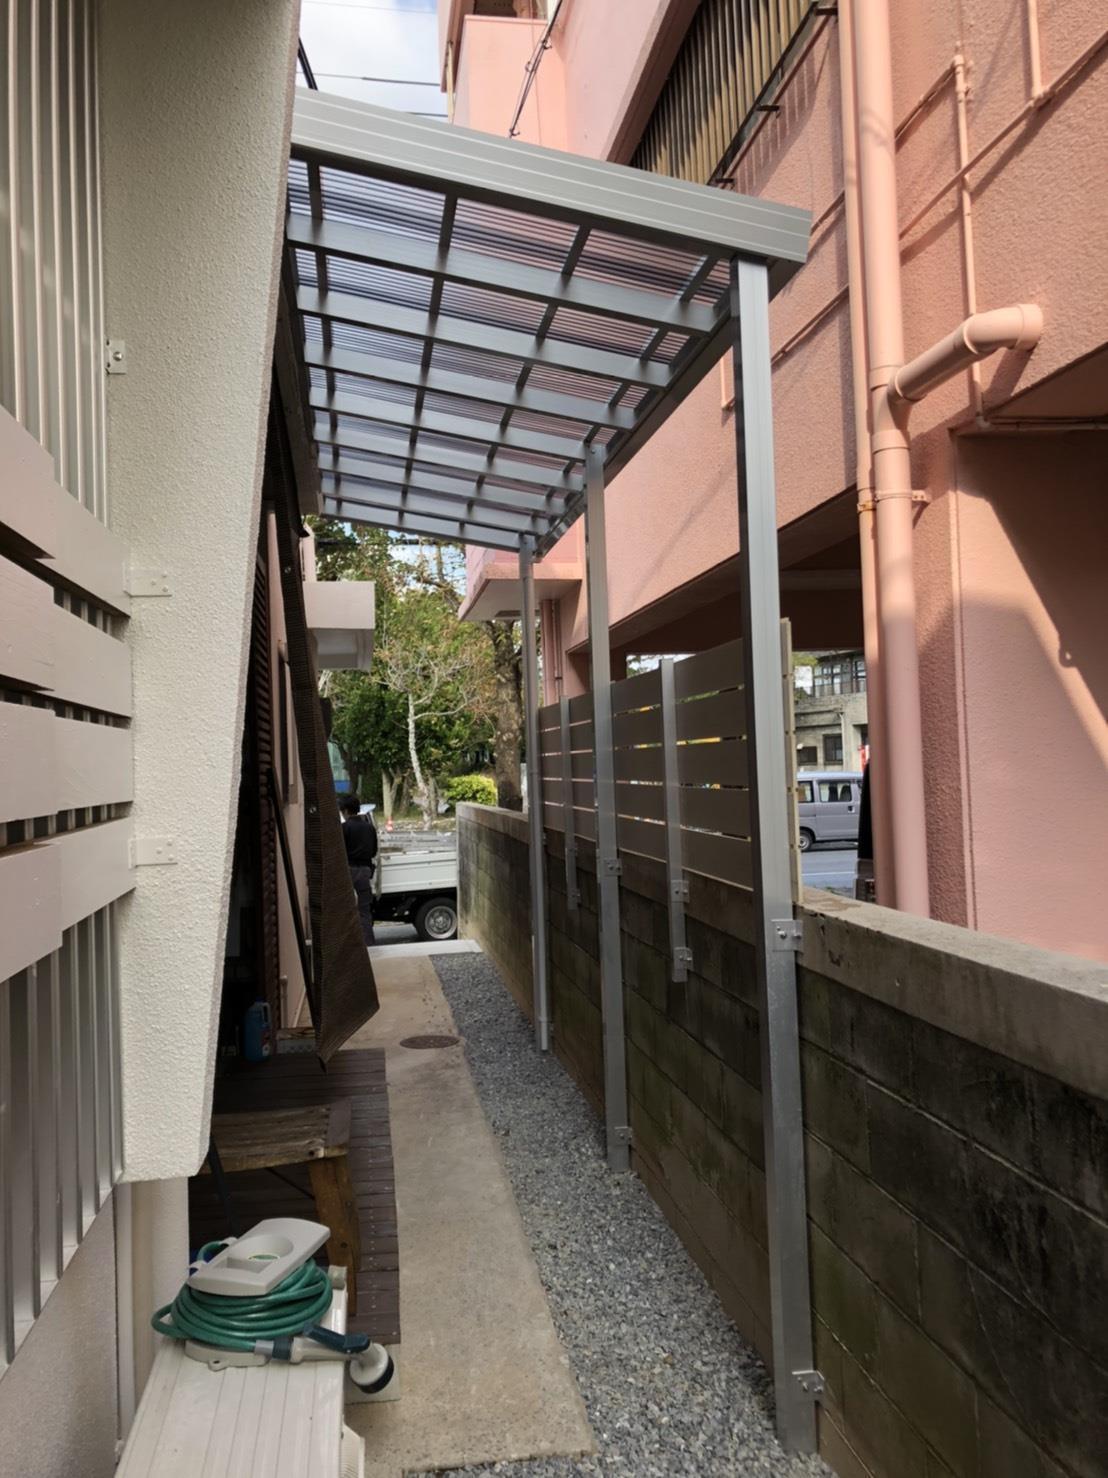 テラス・目隠しフェンス工事(リフォーム施工事例)を公開しました。 | 沖縄や那覇でリフォームするなら【株式会社 あうん工房】